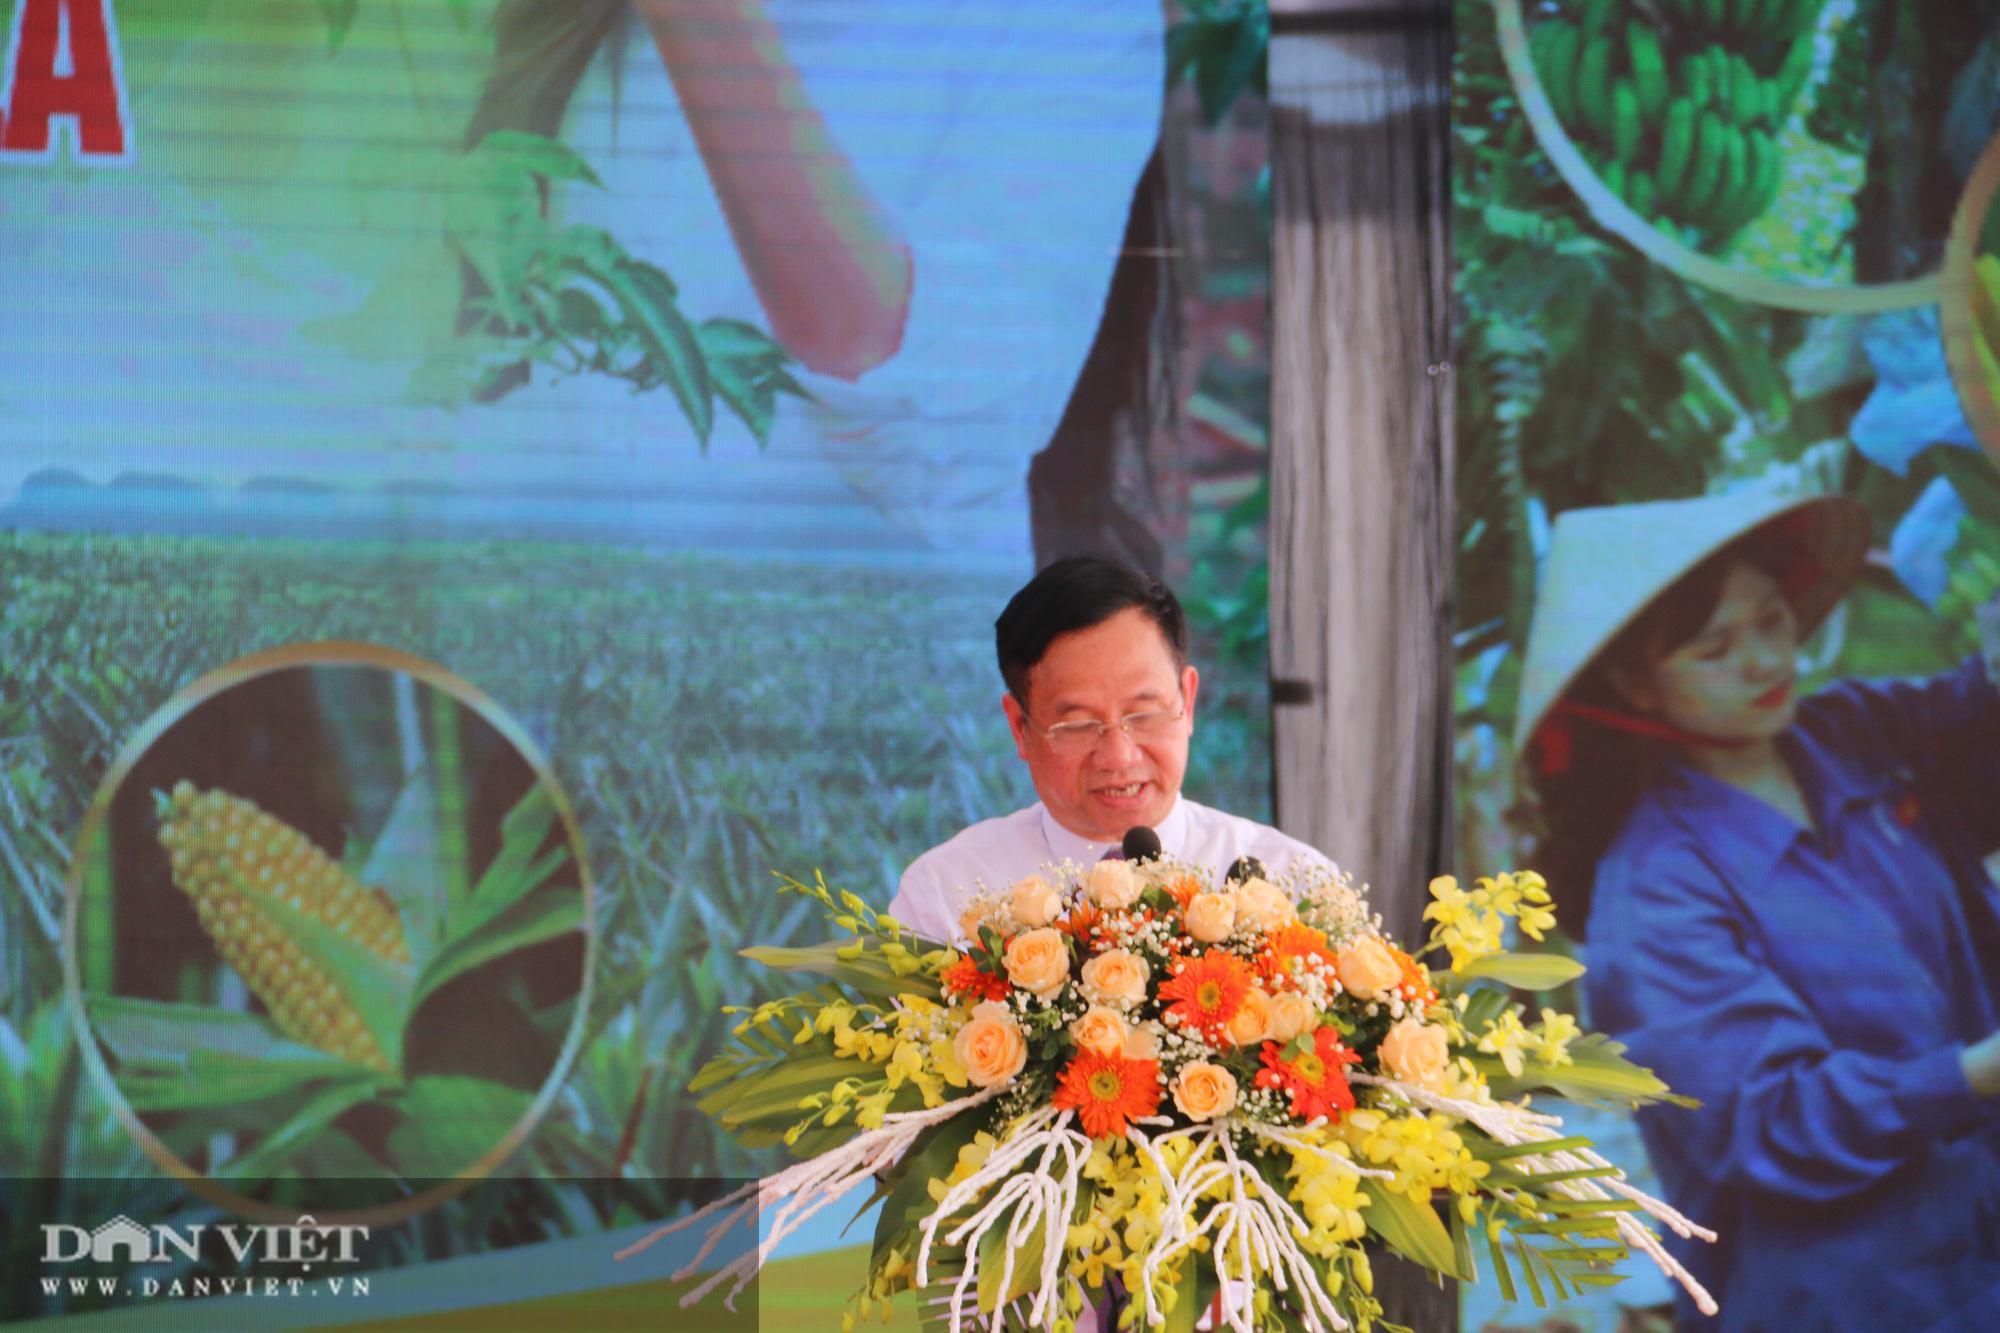 Sơn La: Khởi công xây dựng trung tâm chế biến rau, quả - Ảnh 4.